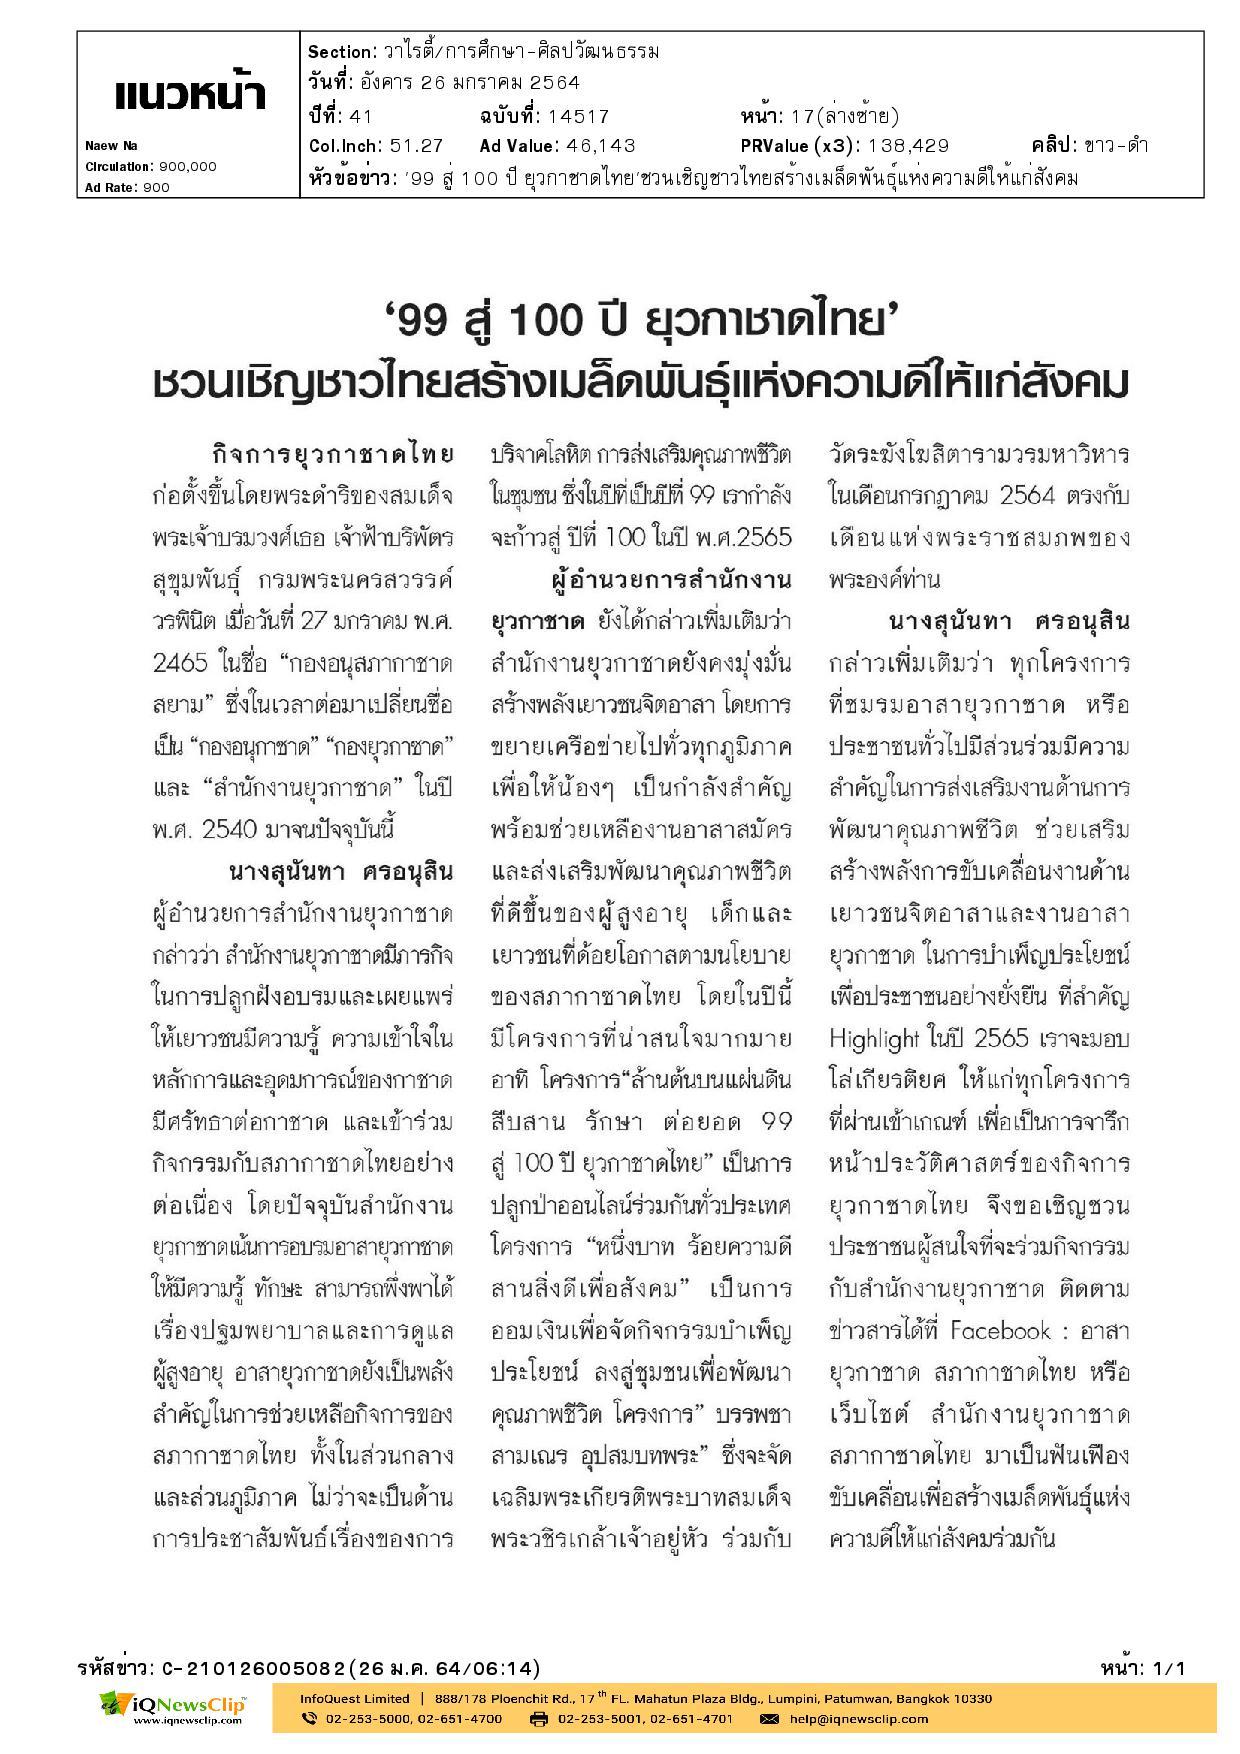 """""""99 ปี ยุวกาชาด ชวนเชิญชาวไทยสร้างเมล็ดพันธุ์แห่งความดีให้แก่สังคม"""""""